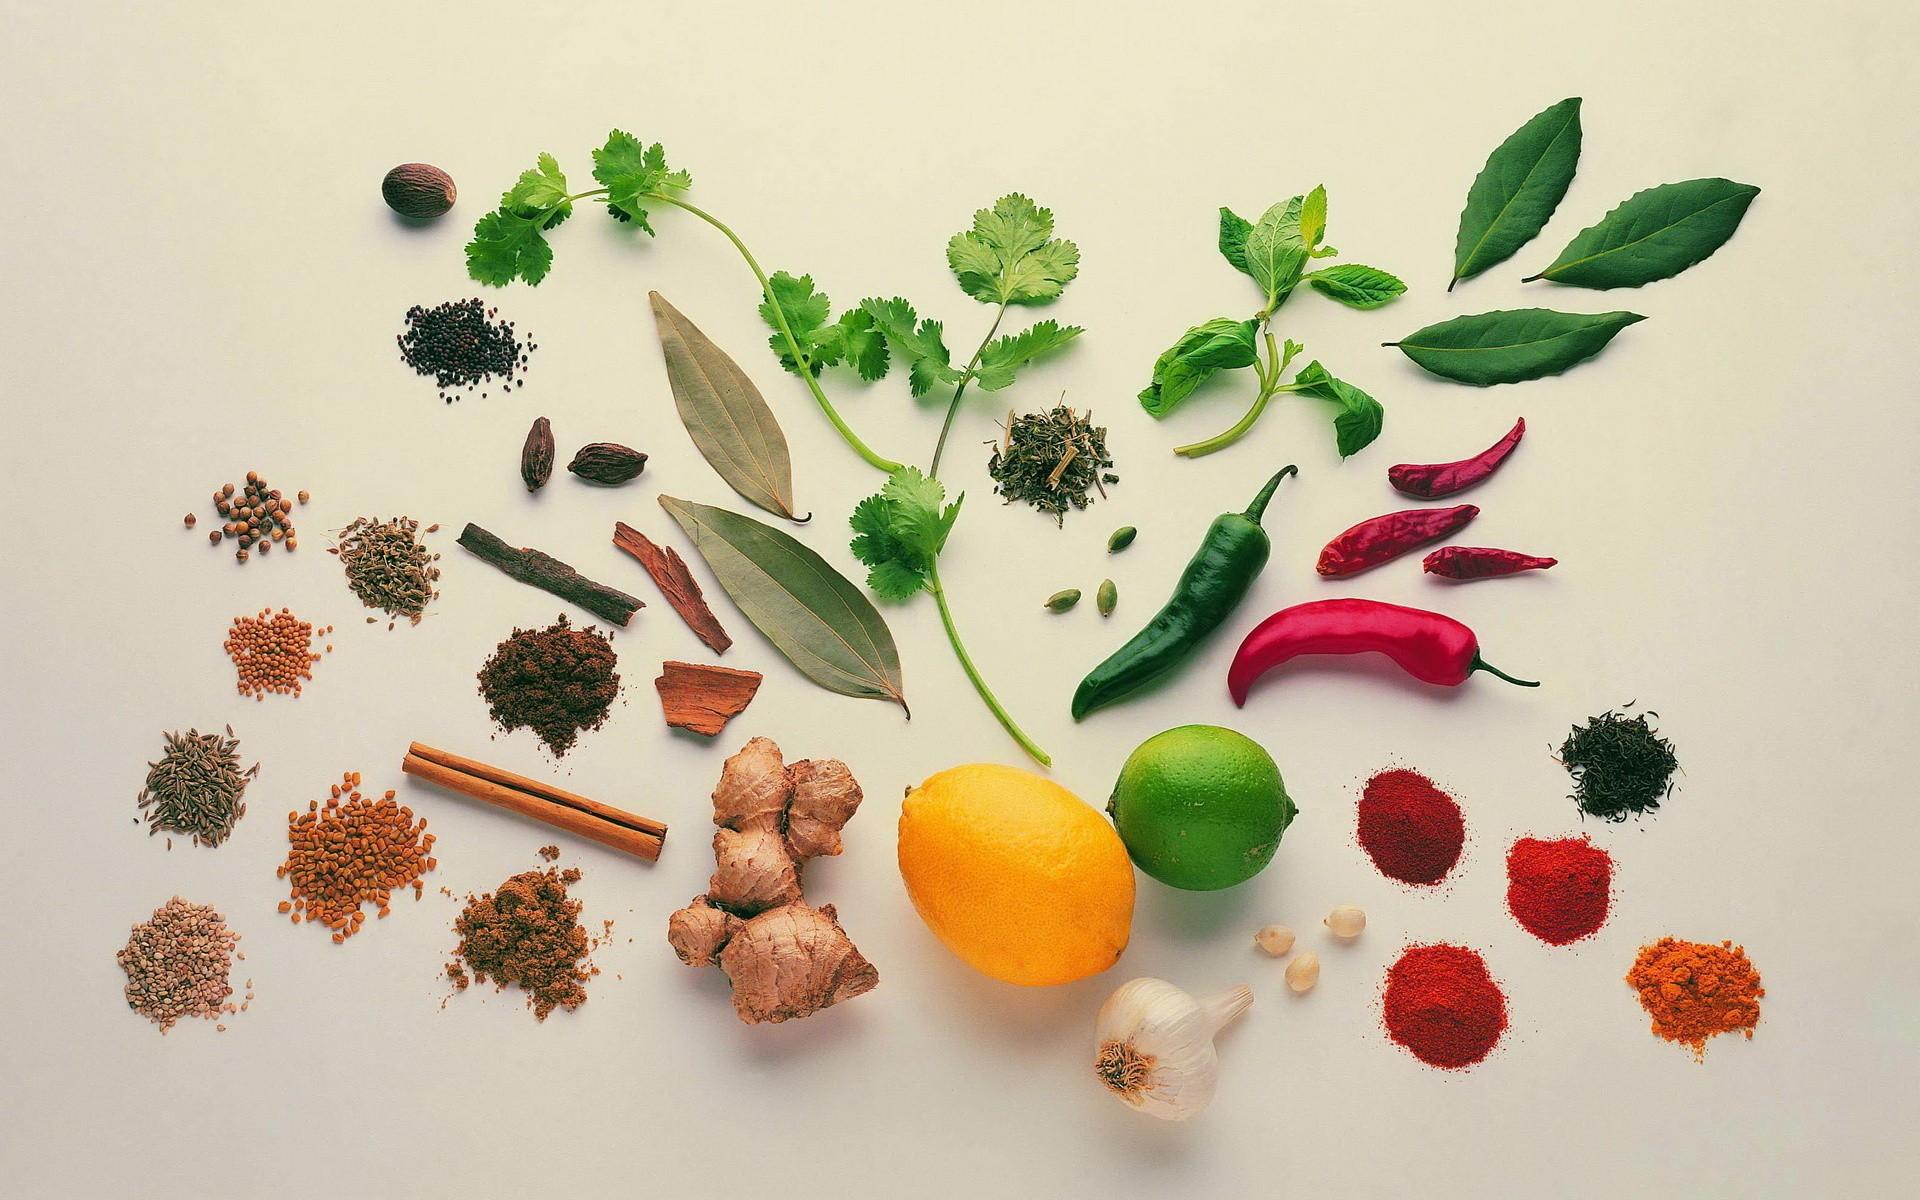 Especias y verduras - 1920x1200